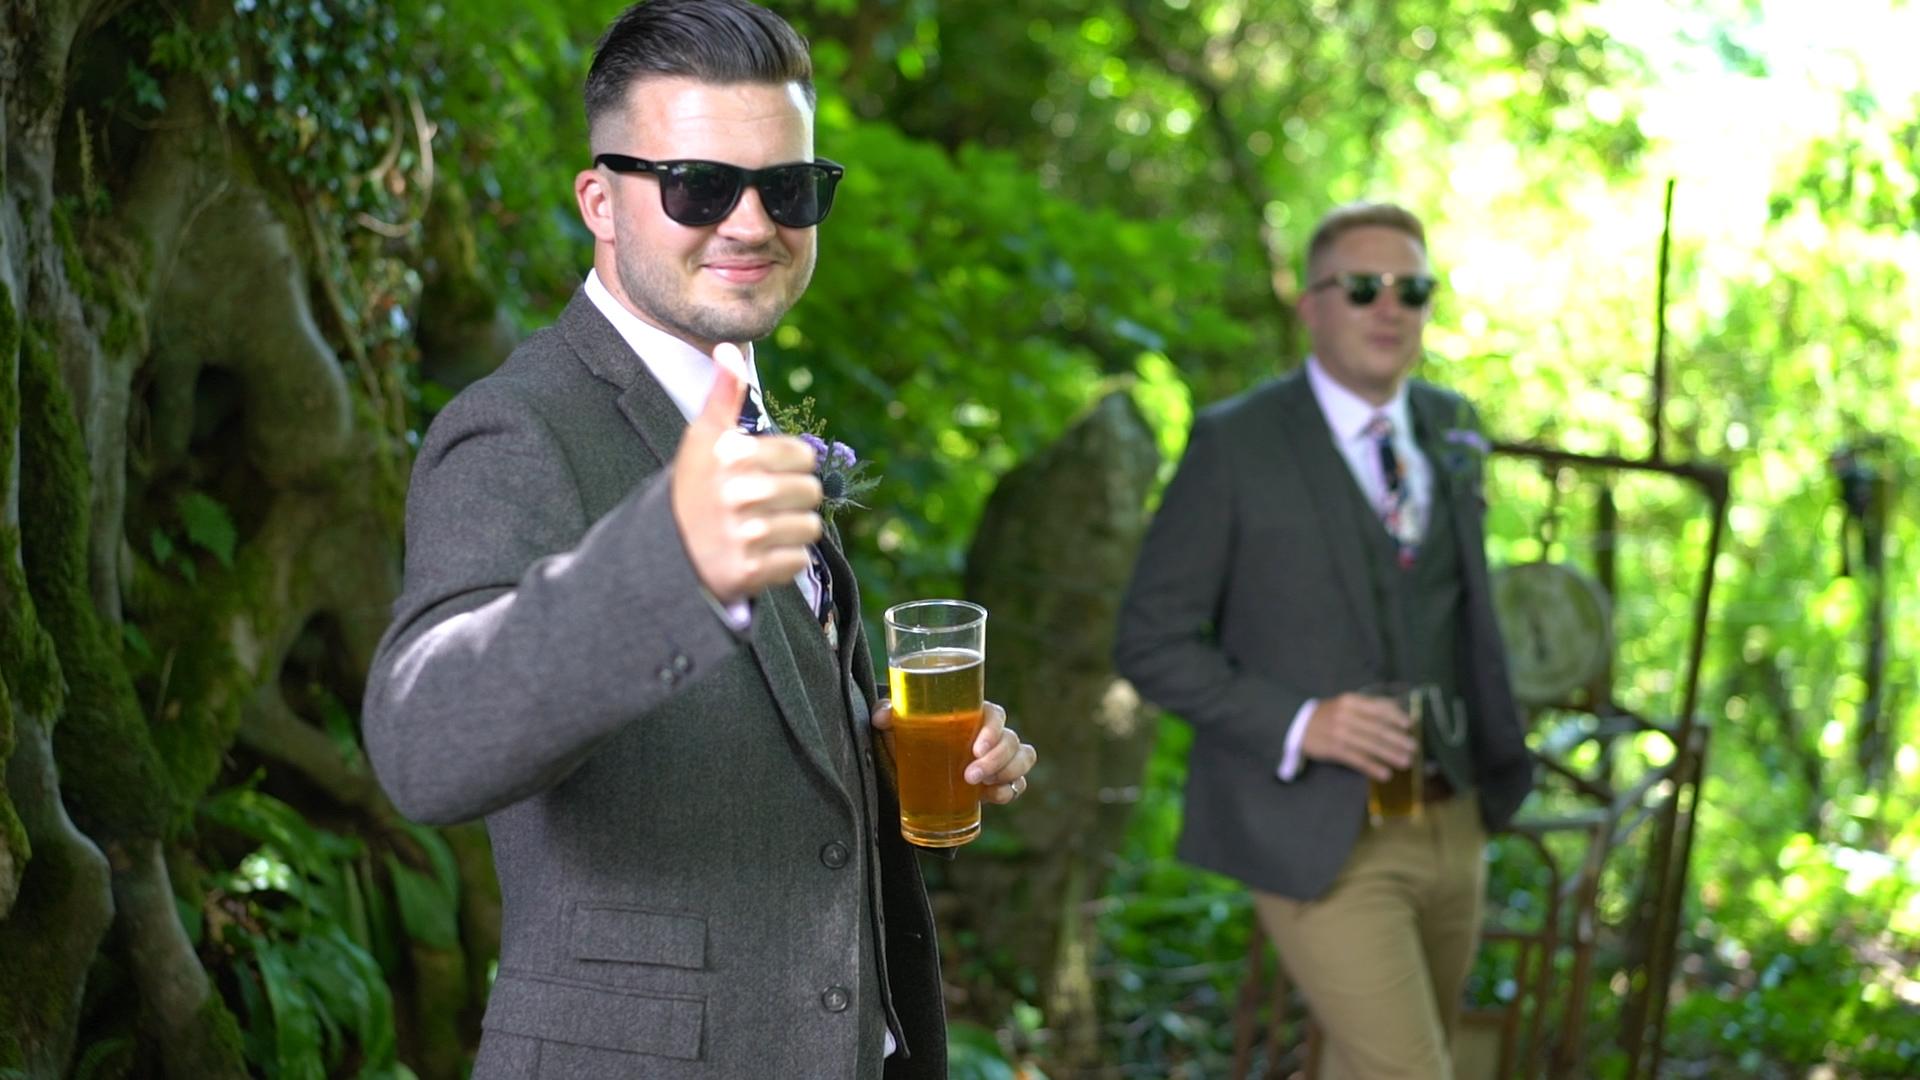 Devon outdoor wedding